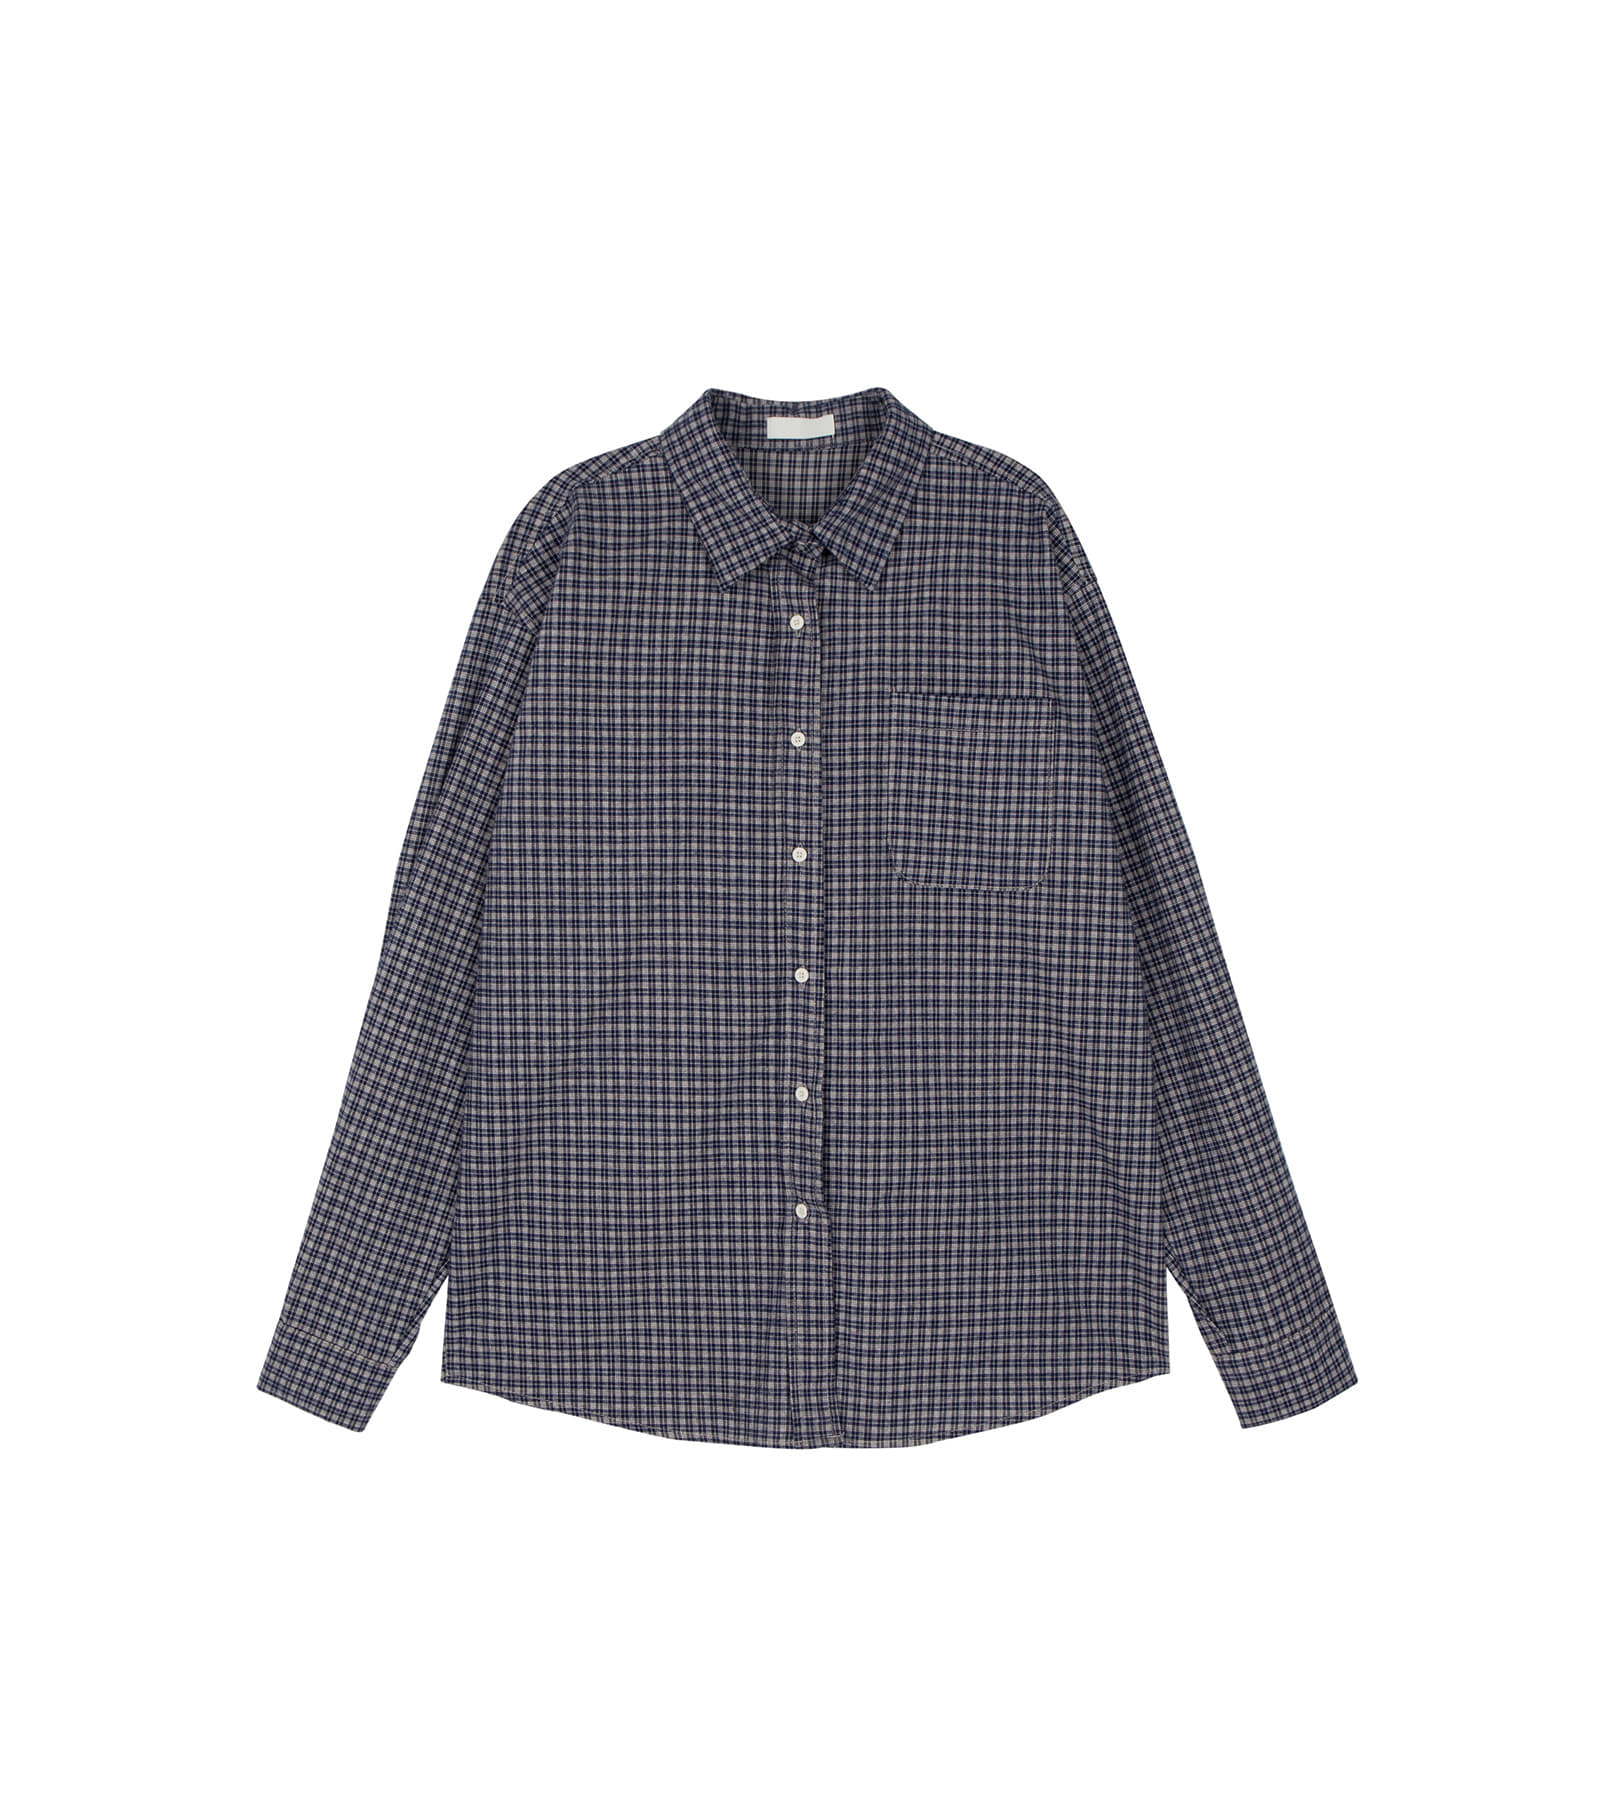 Weil winter check shirt